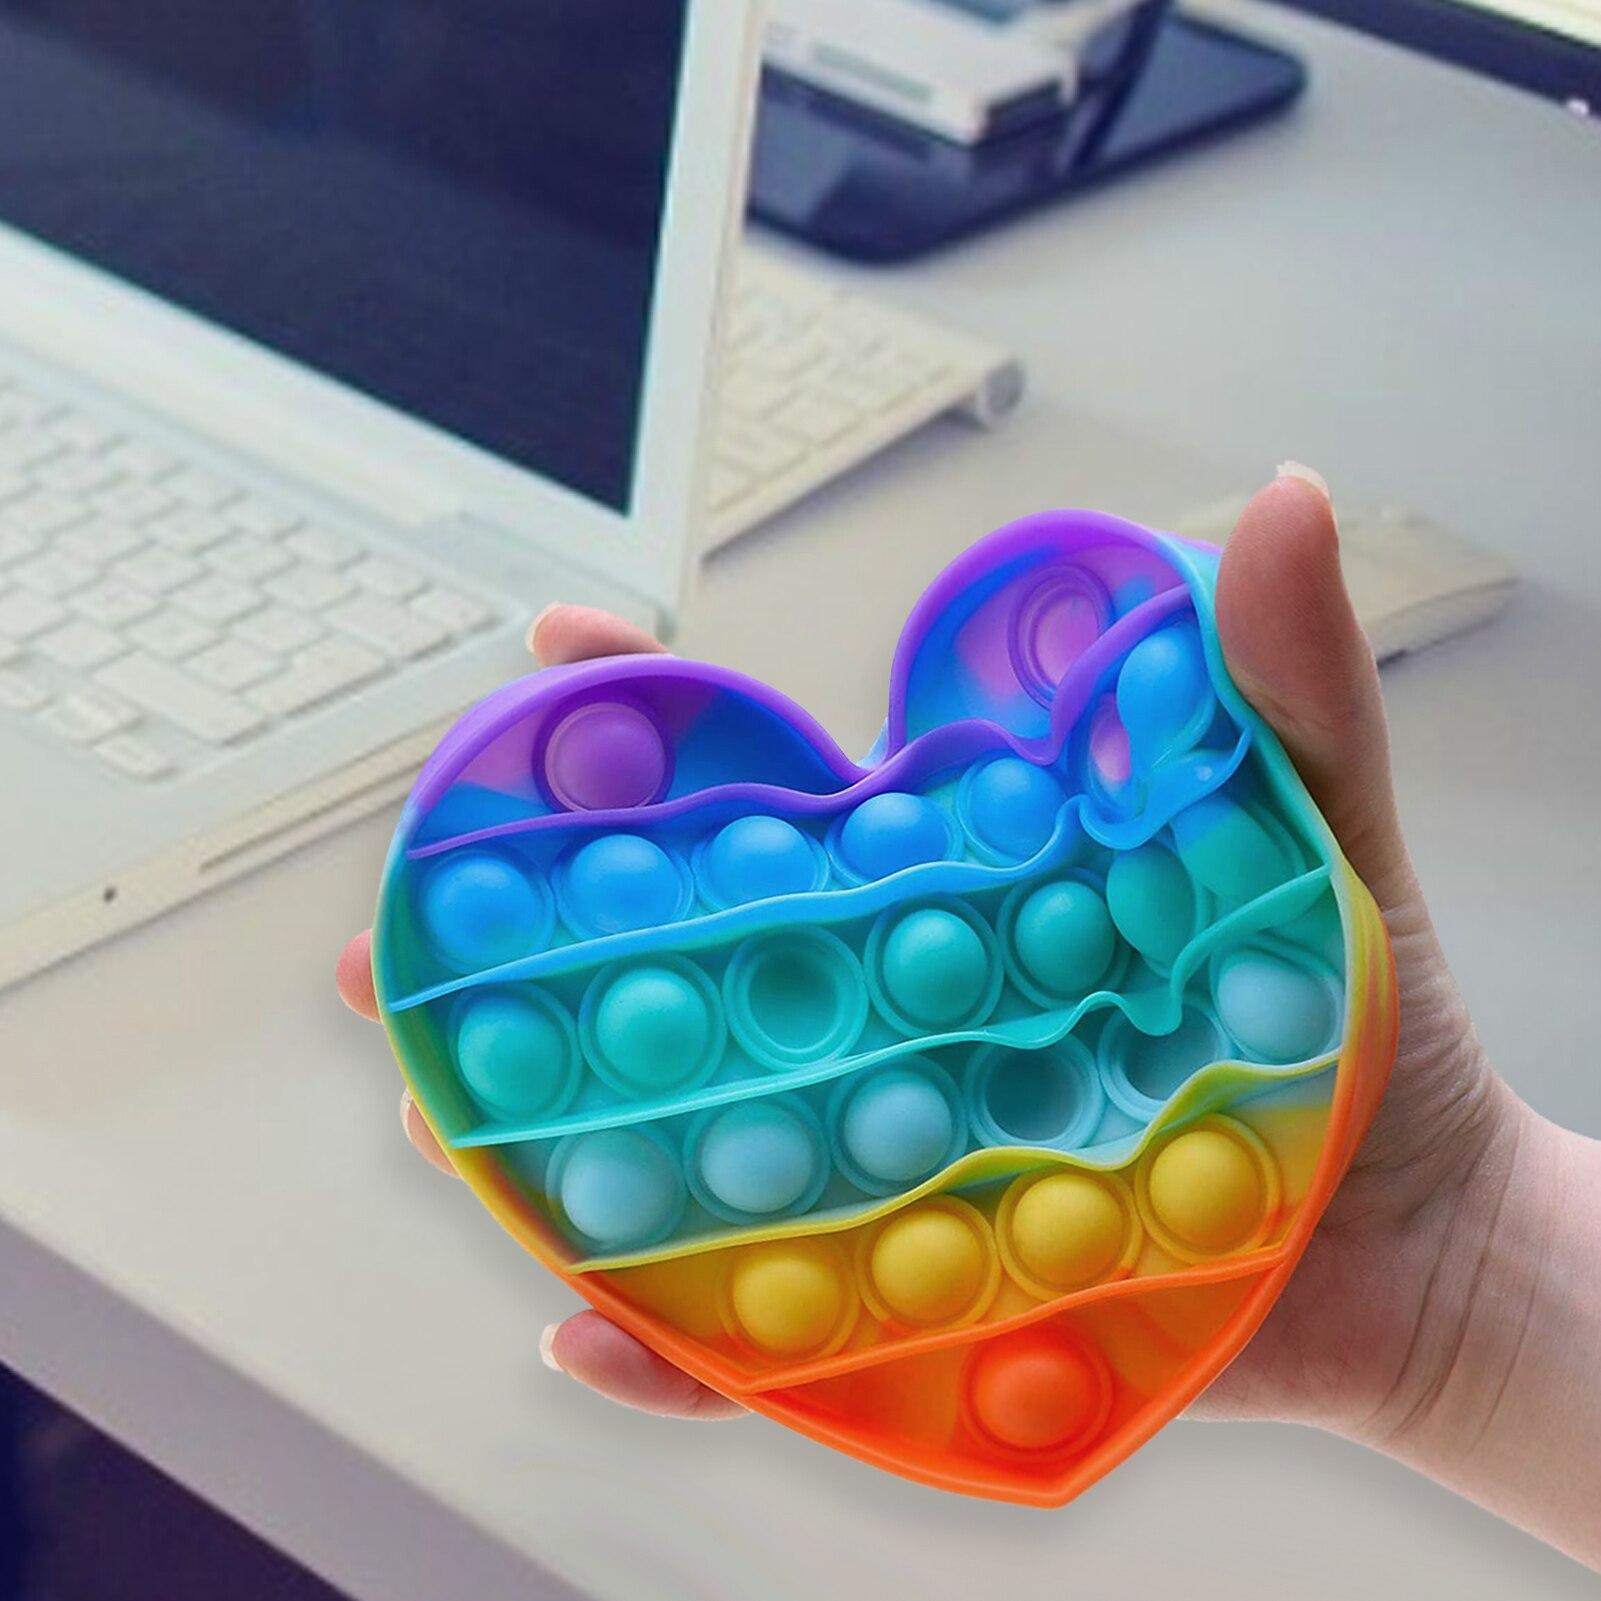 Brinquedo do arco-íris da bolha dos pops dos brinquedos da inquietação para o autismo necessidades especiais do autismo de adhd